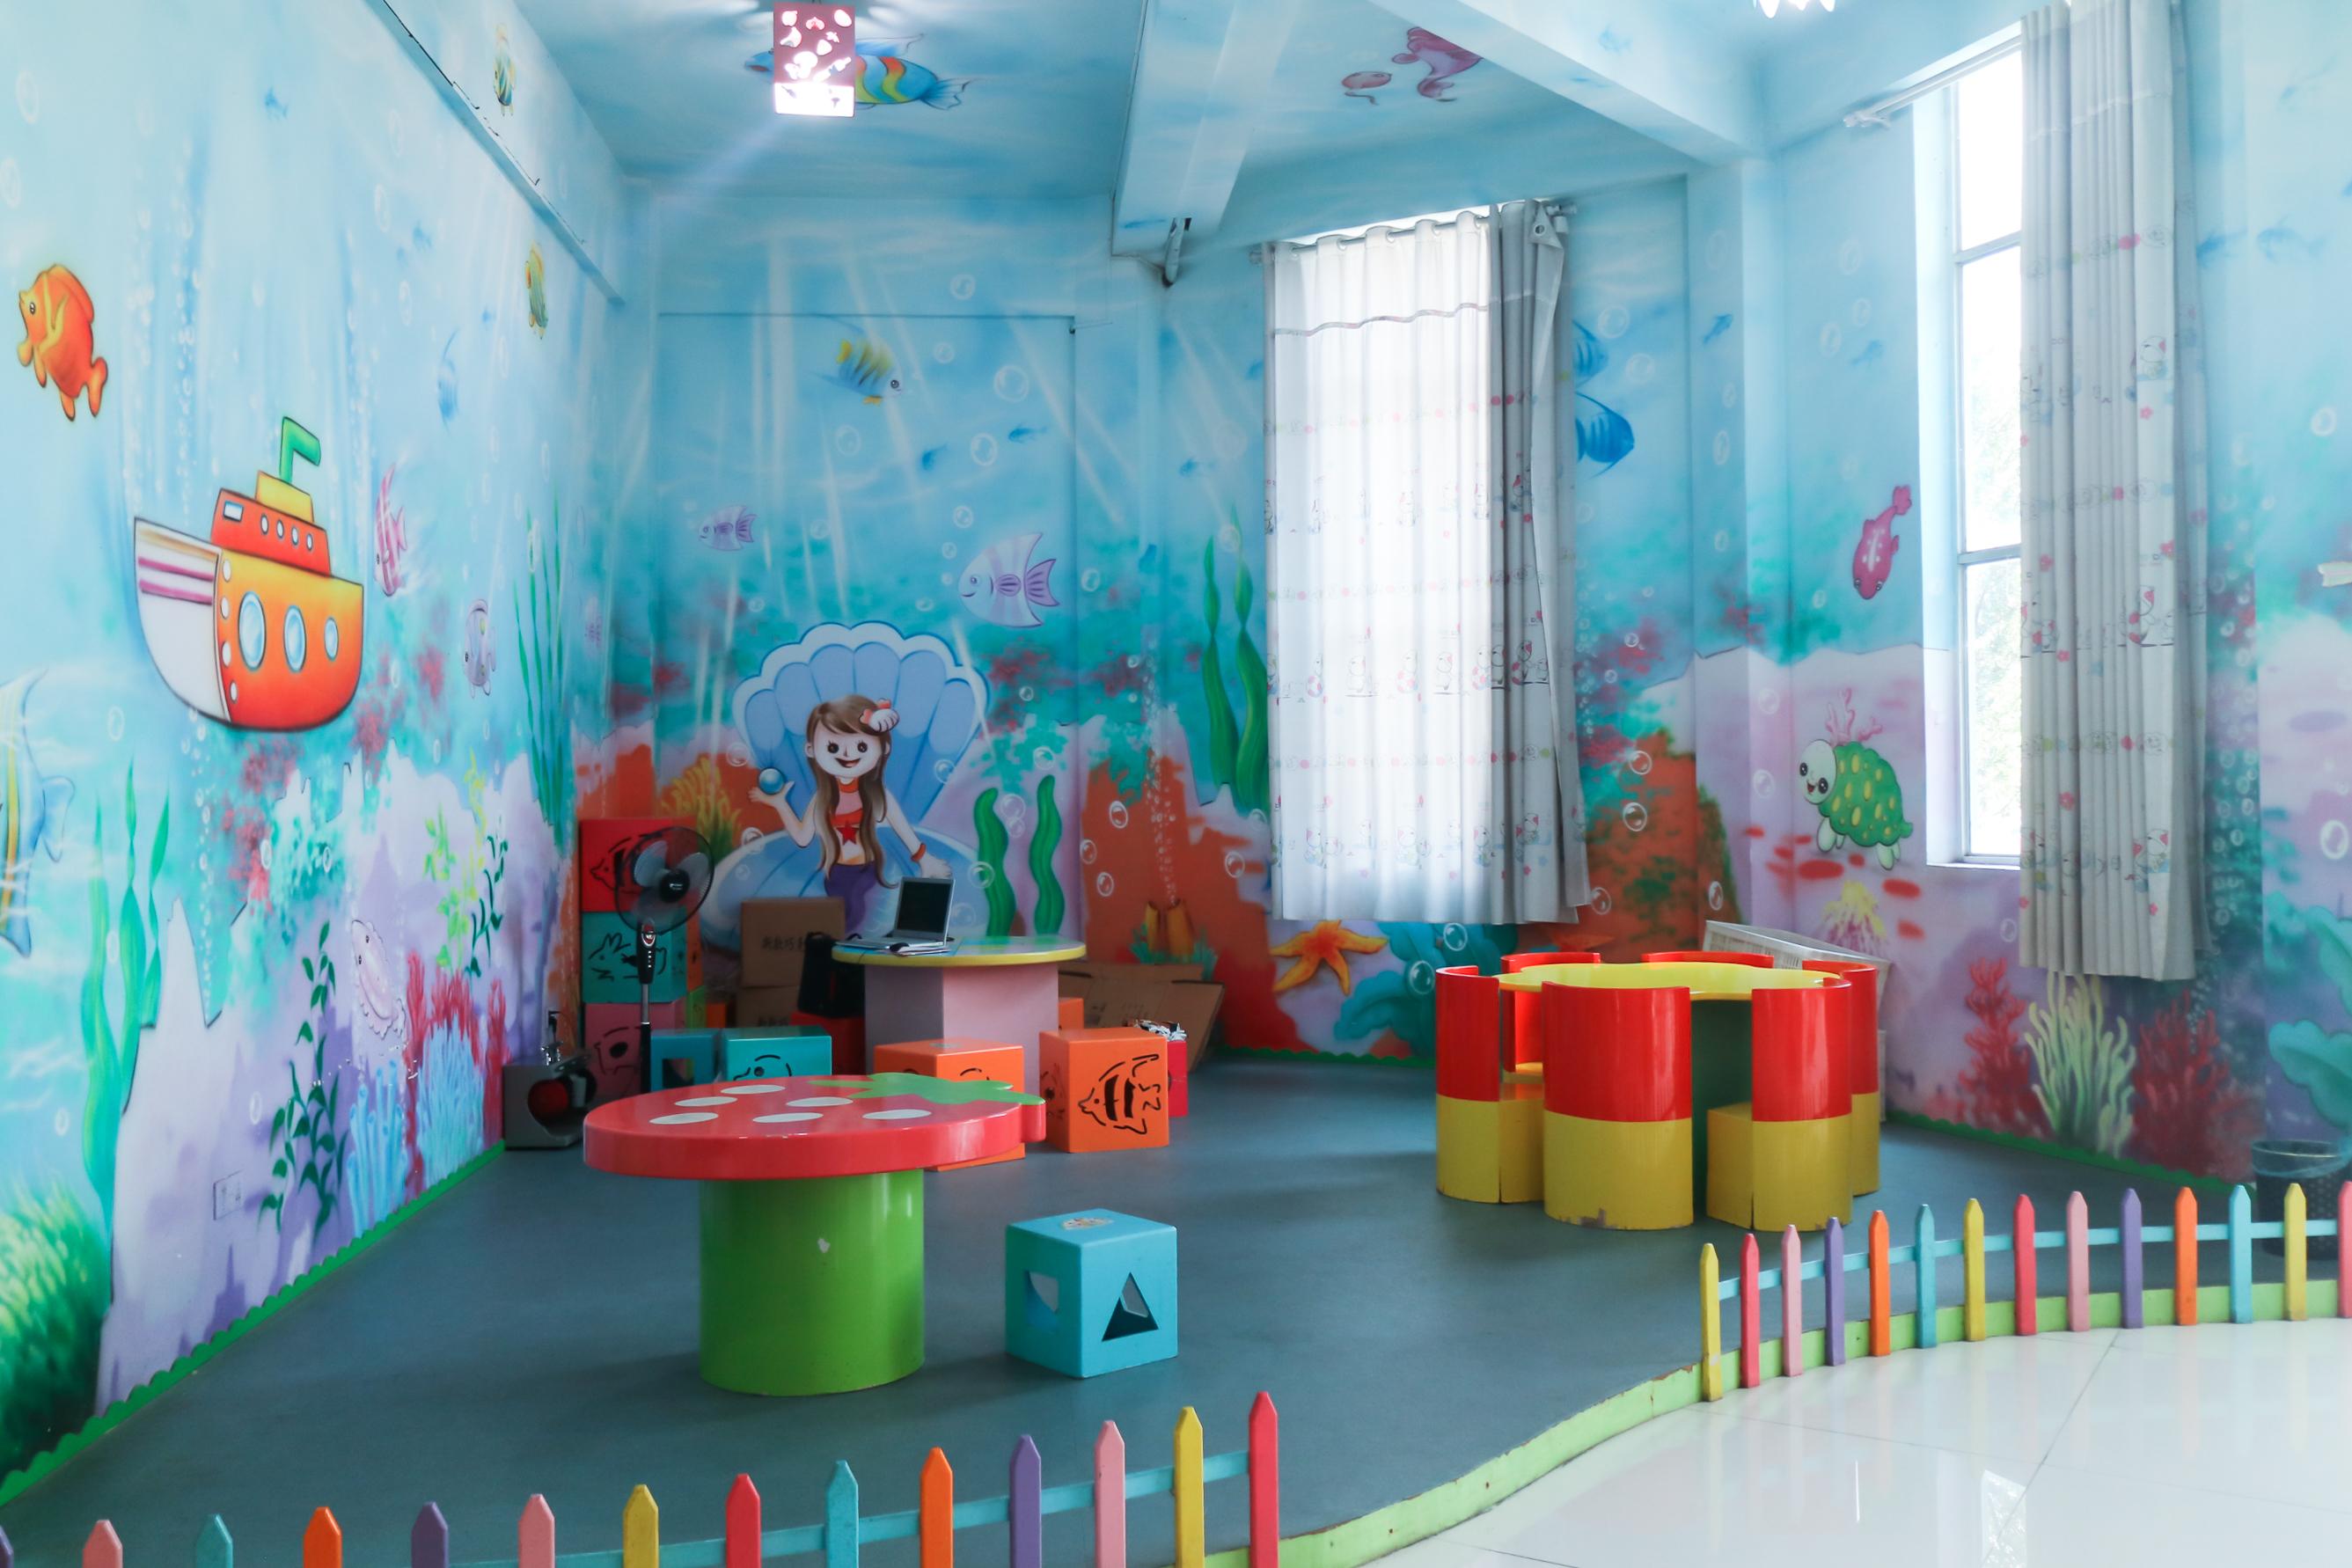 云和县童话玩具智慧园有限公司-主营木制玩具,益智... -慧聪网商